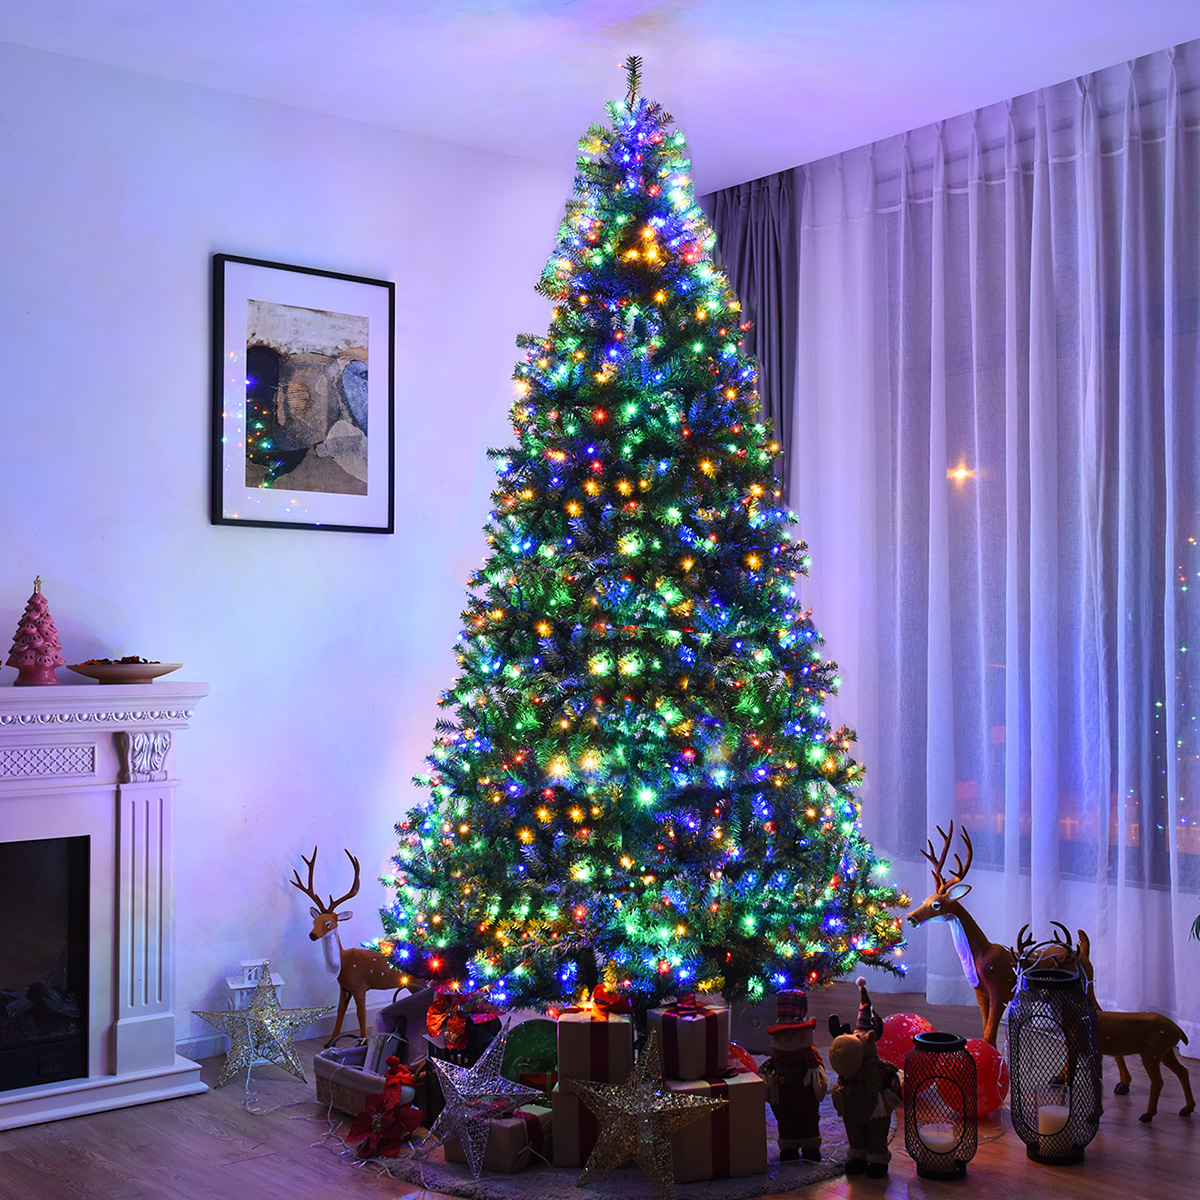 缩略图 | 便宜230刀!沃尔玛圣诞树便宜啦!快去抢吧!